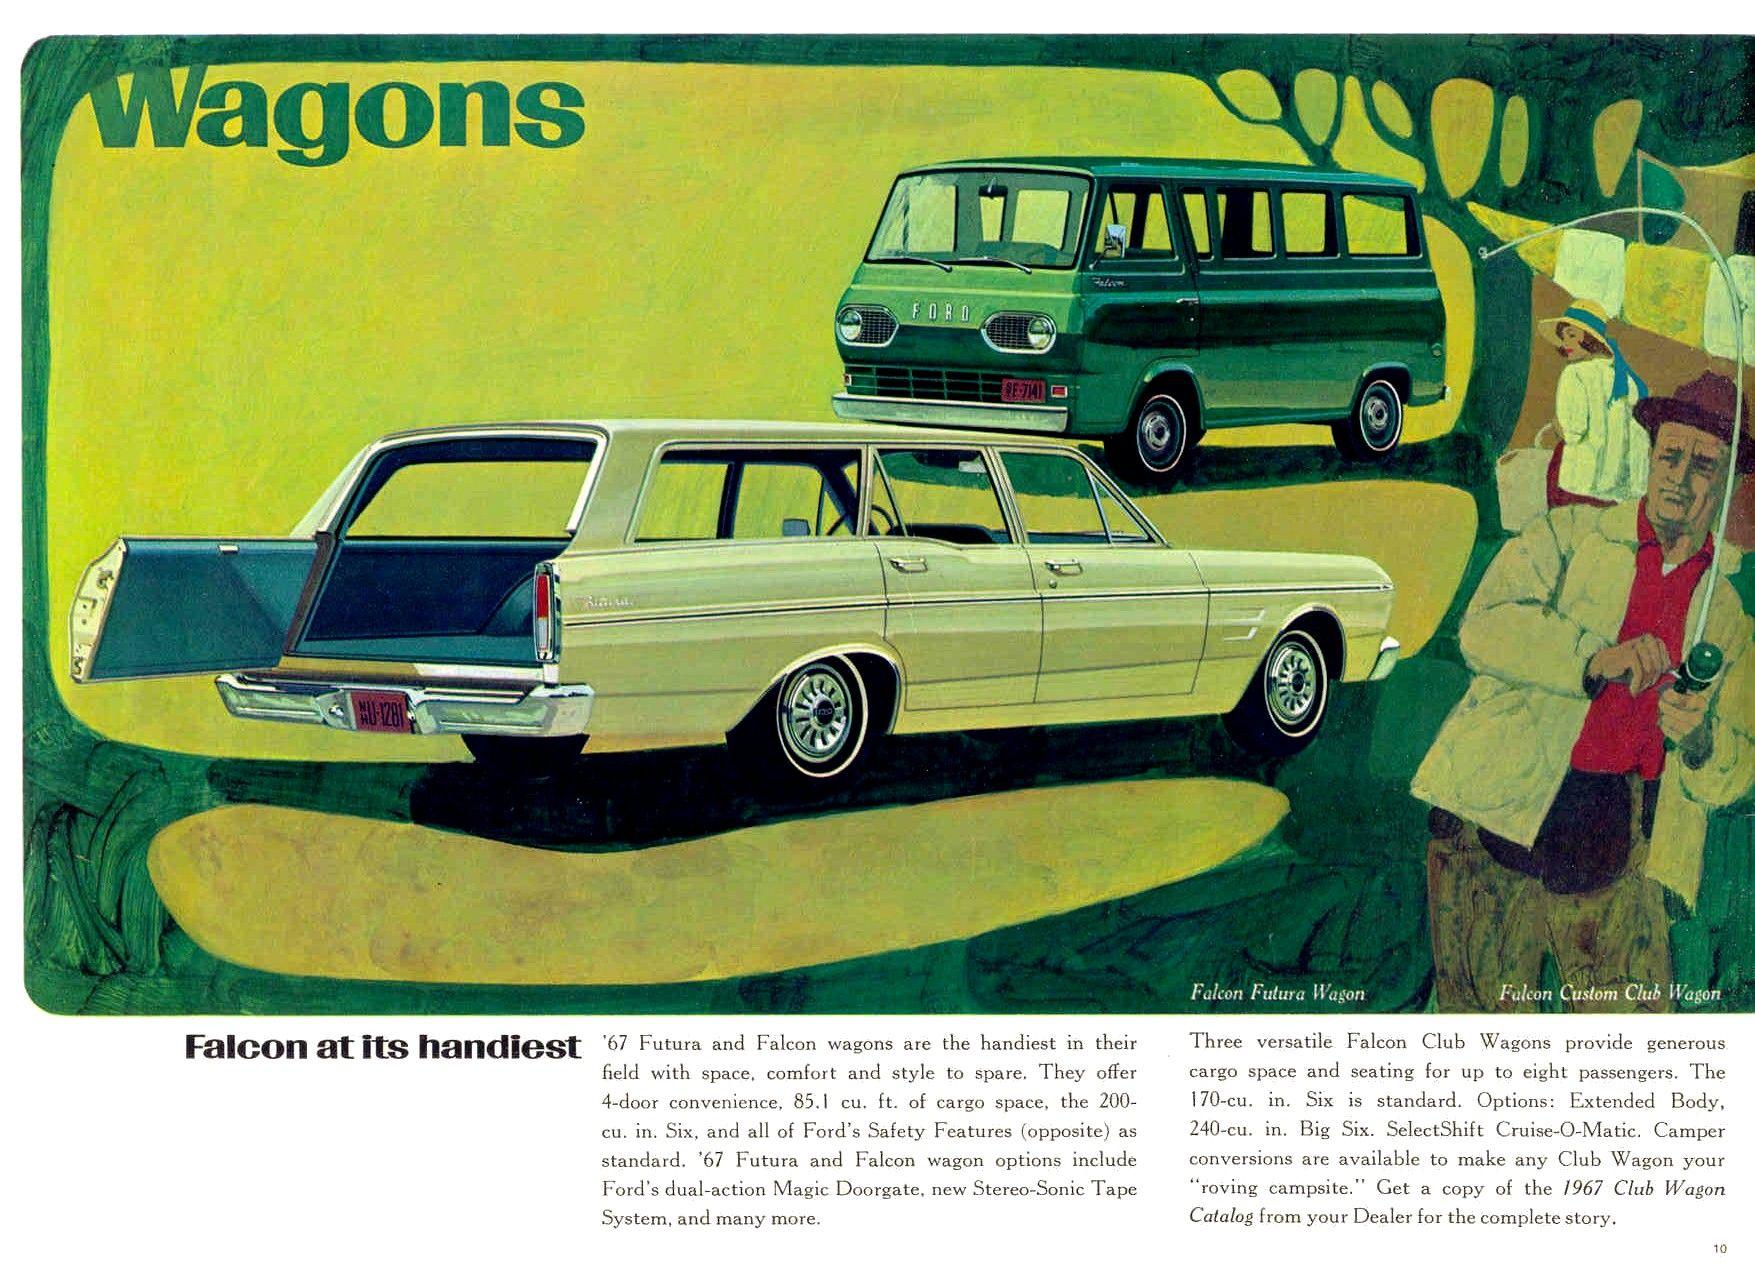 Original 1967 Ford Falcon Sales Brochure 67 Futura